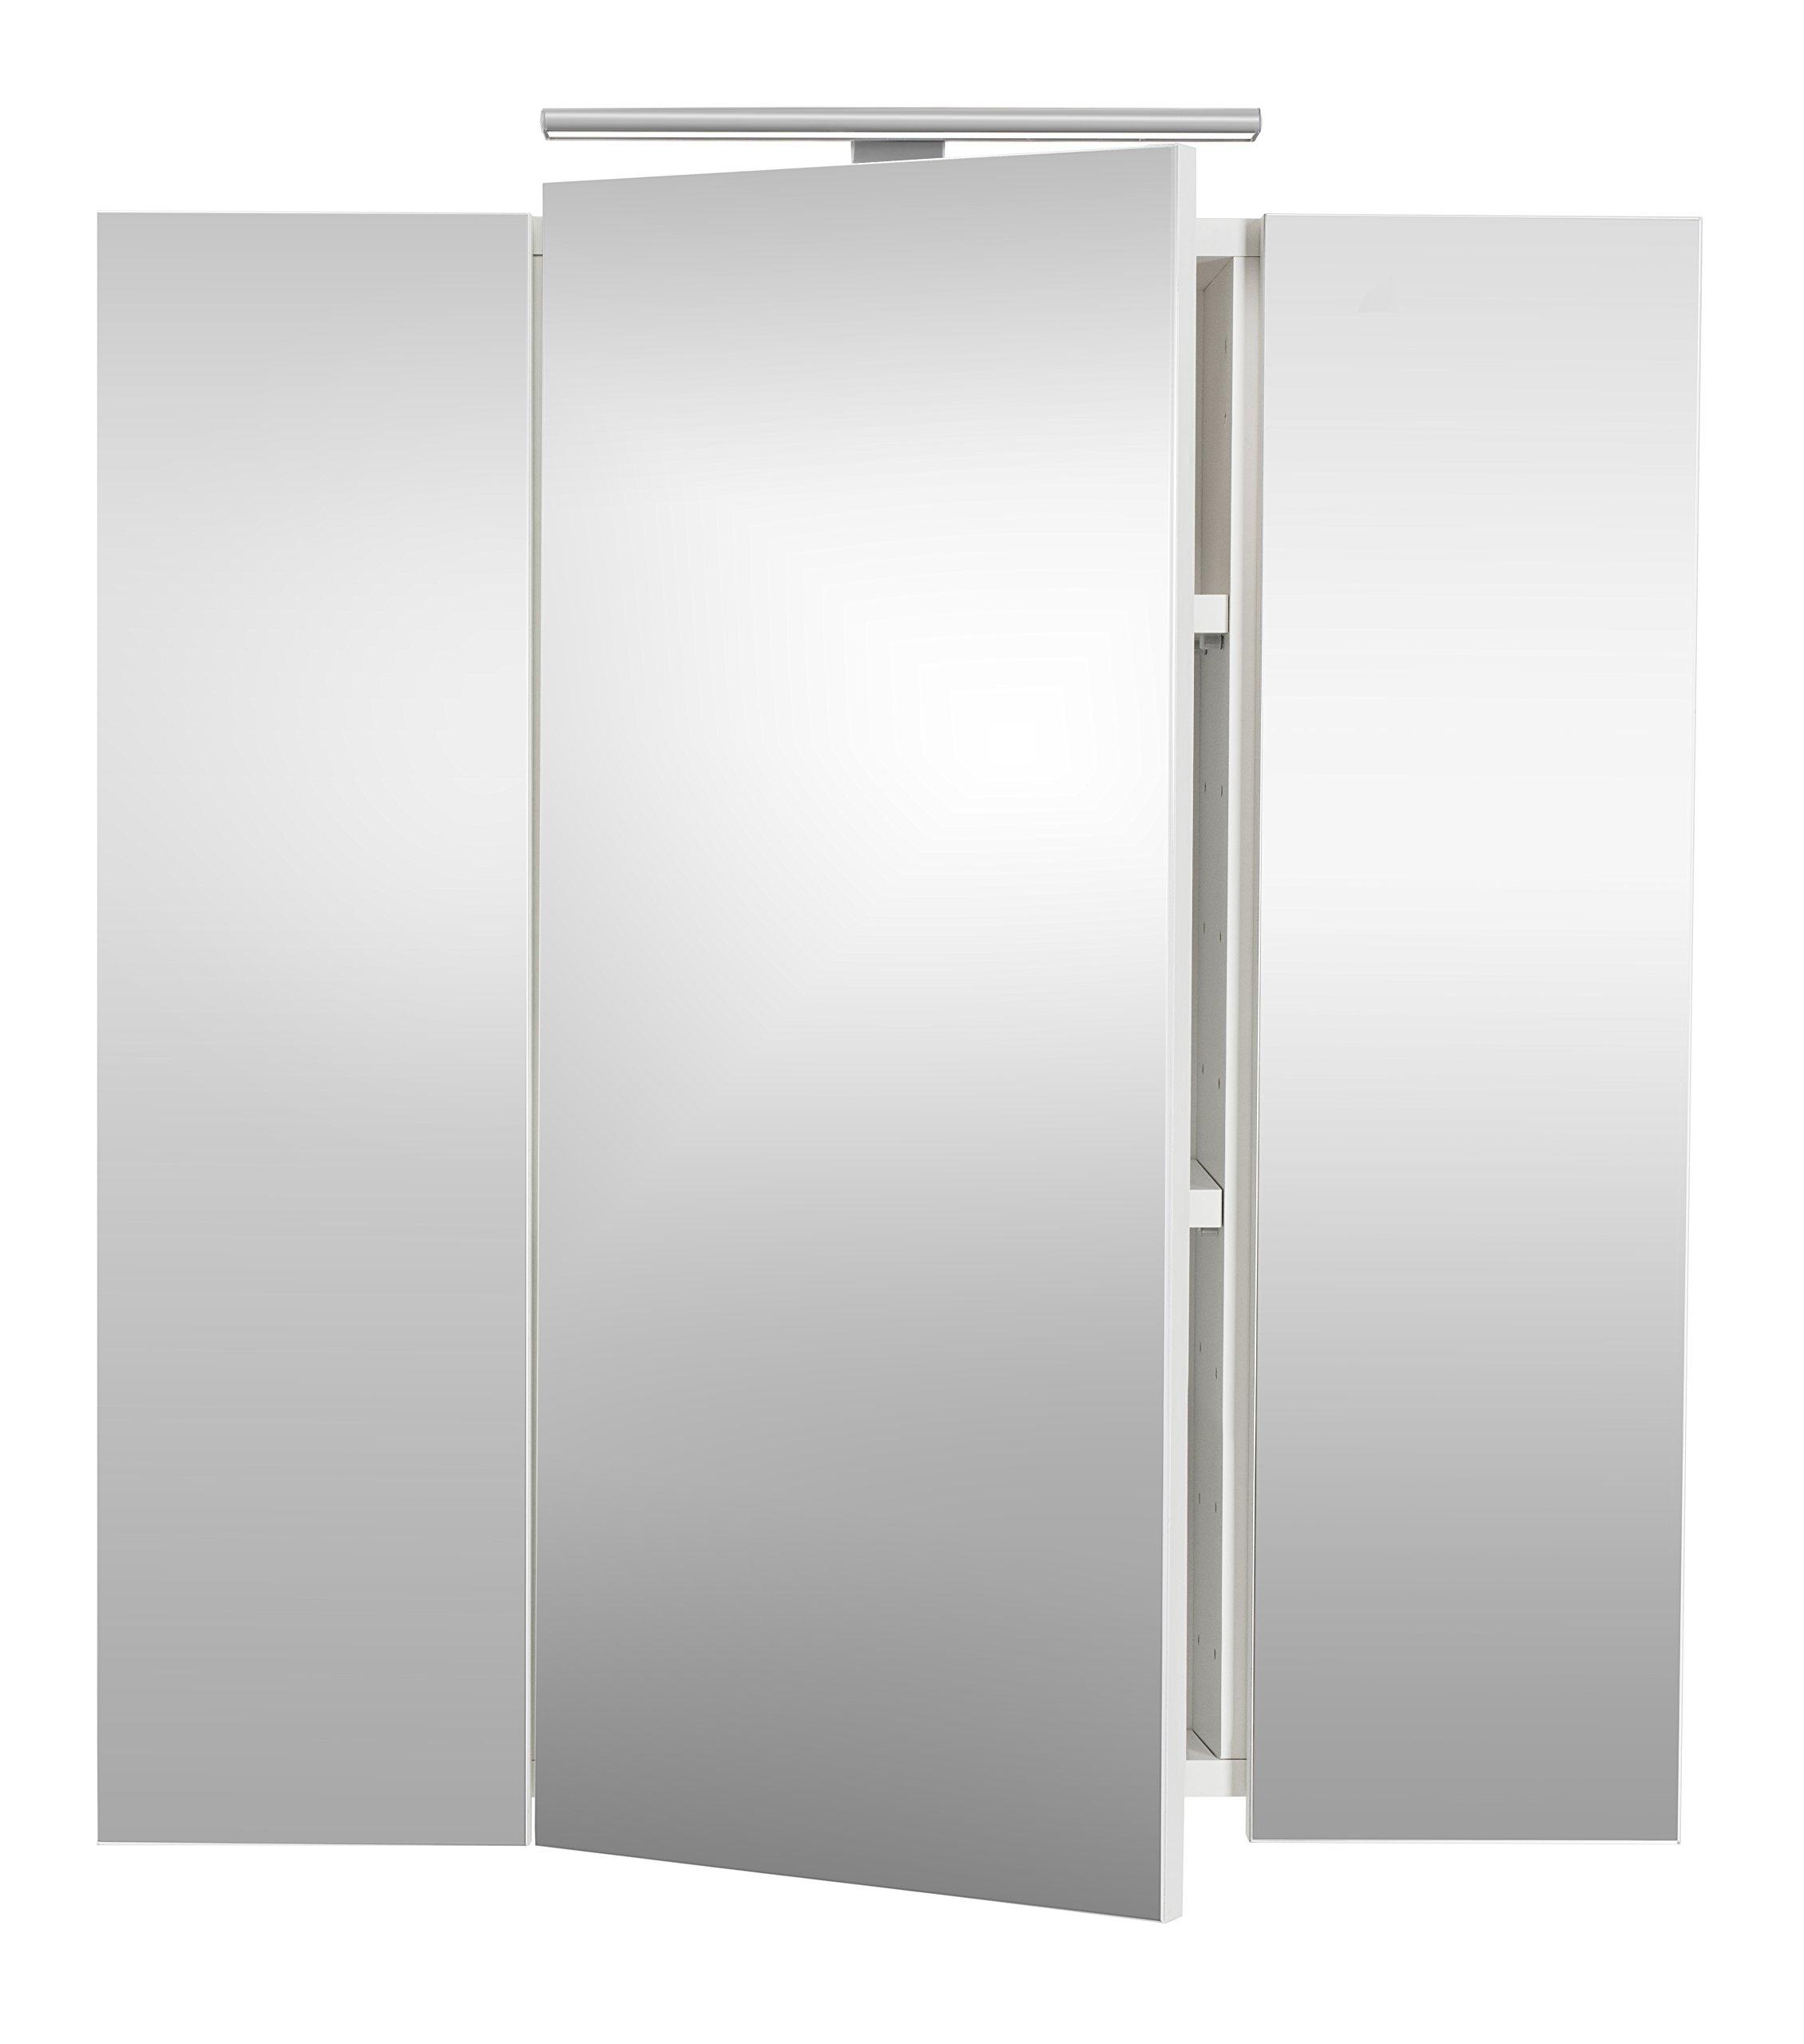 Posseik 5422 76 - Armario con 3 Puertas De Espejo, Color Blanco: Amazon.es: Hogar